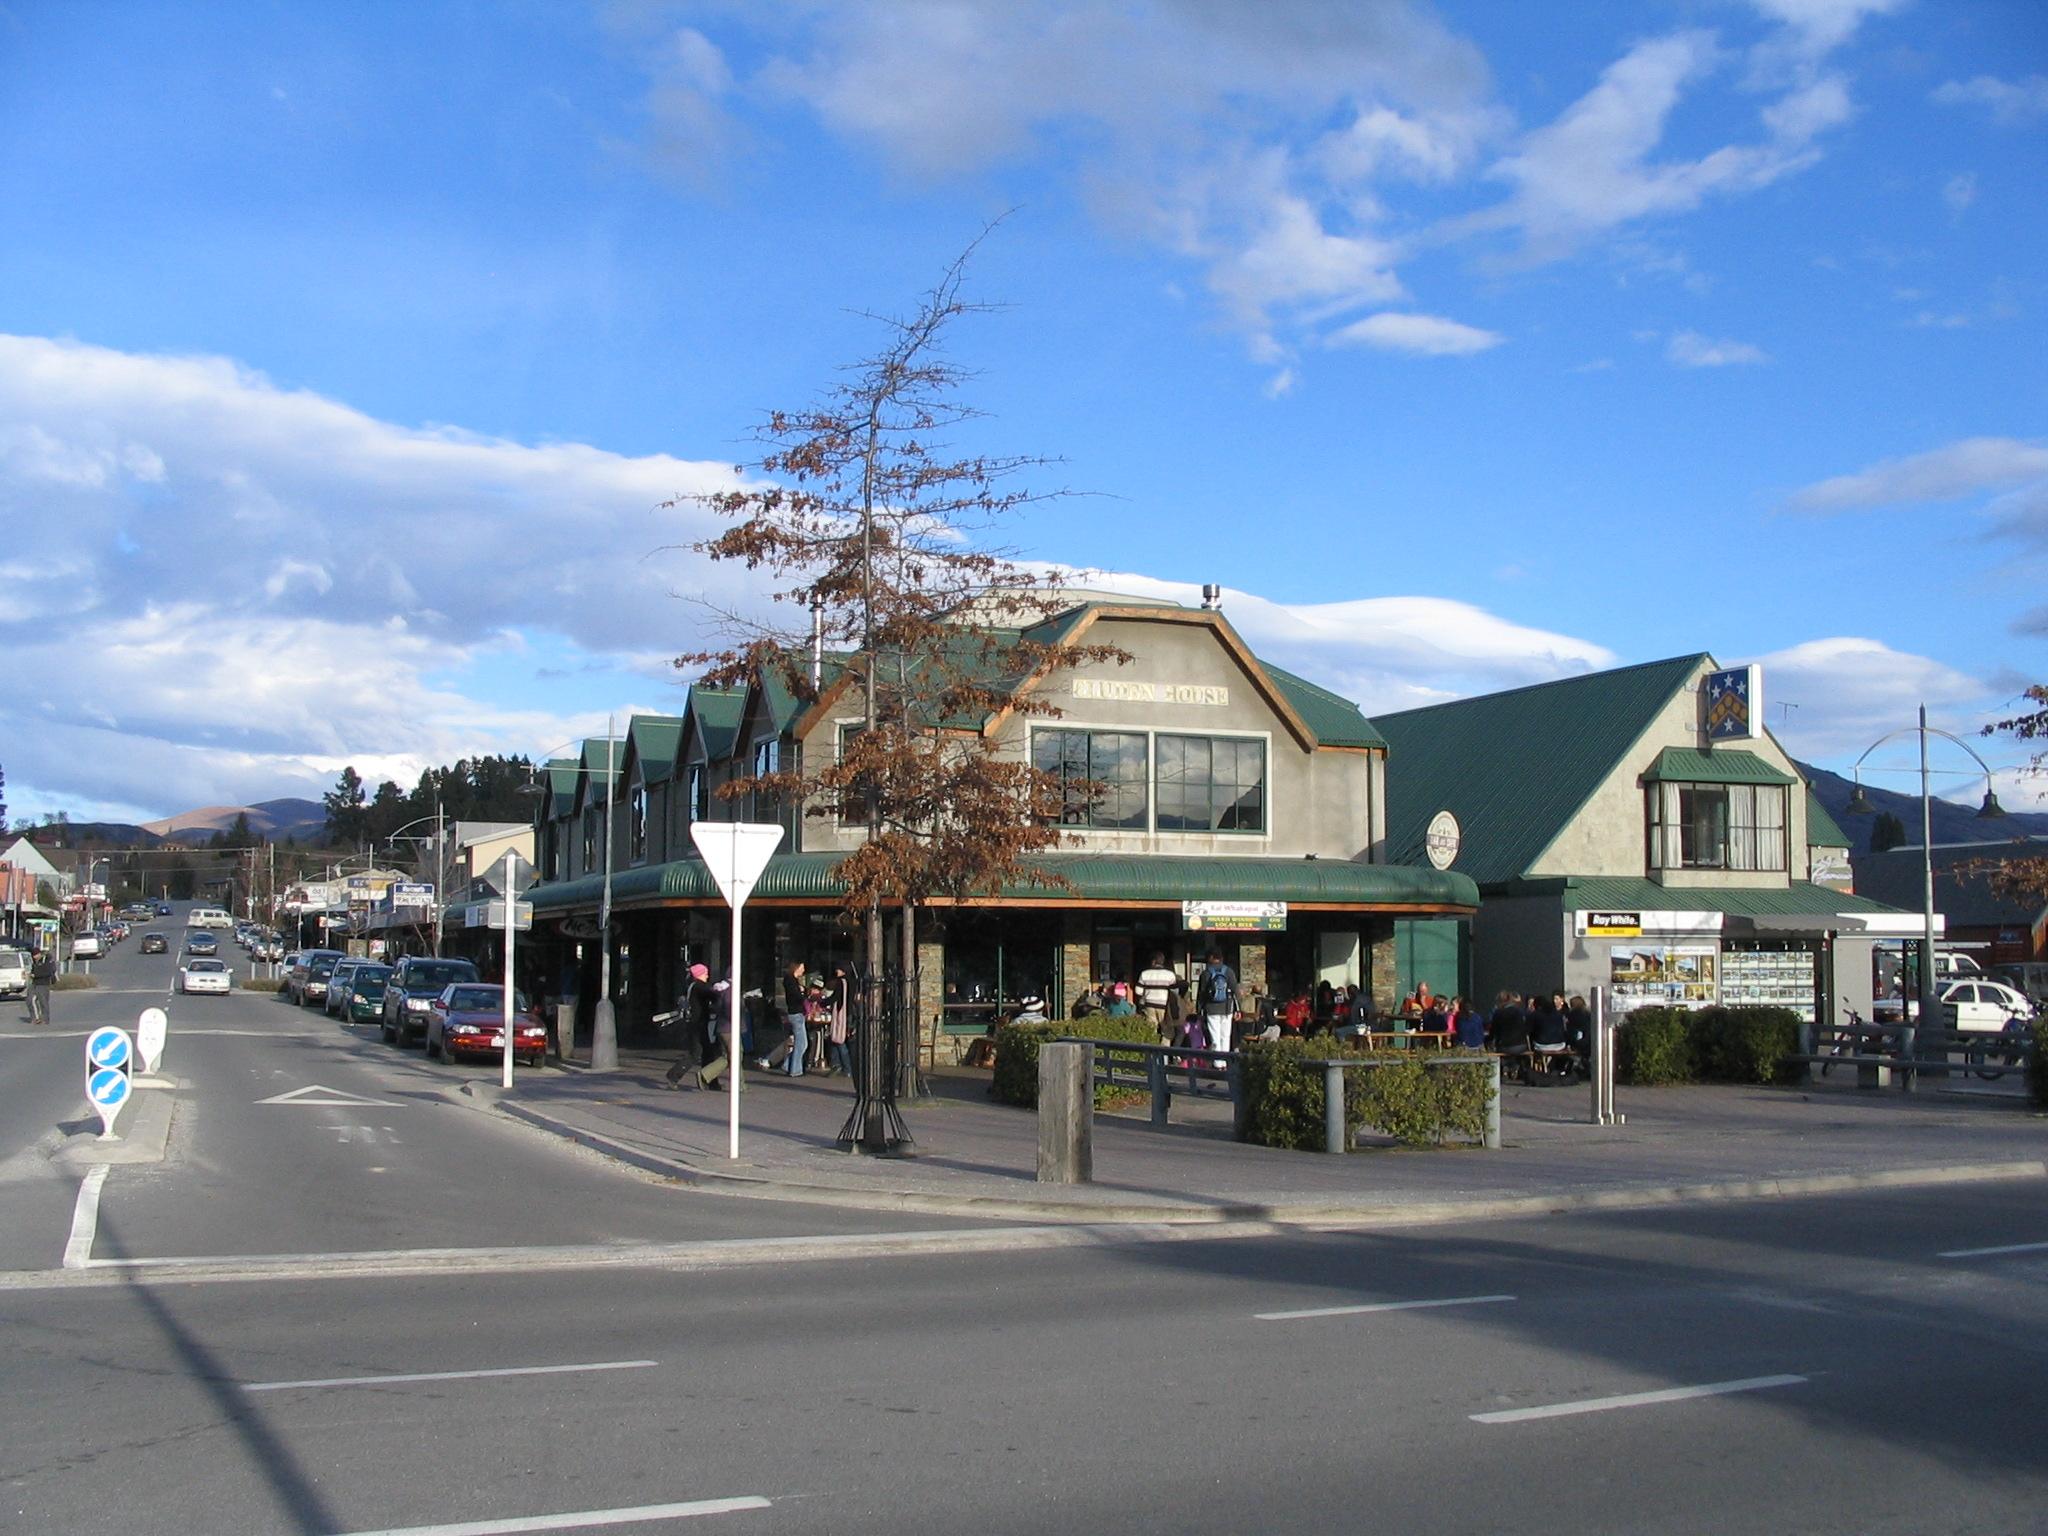 O centro de Wanaka é bem tranquilo e plano, o que facilita a locomoção pela cidade.